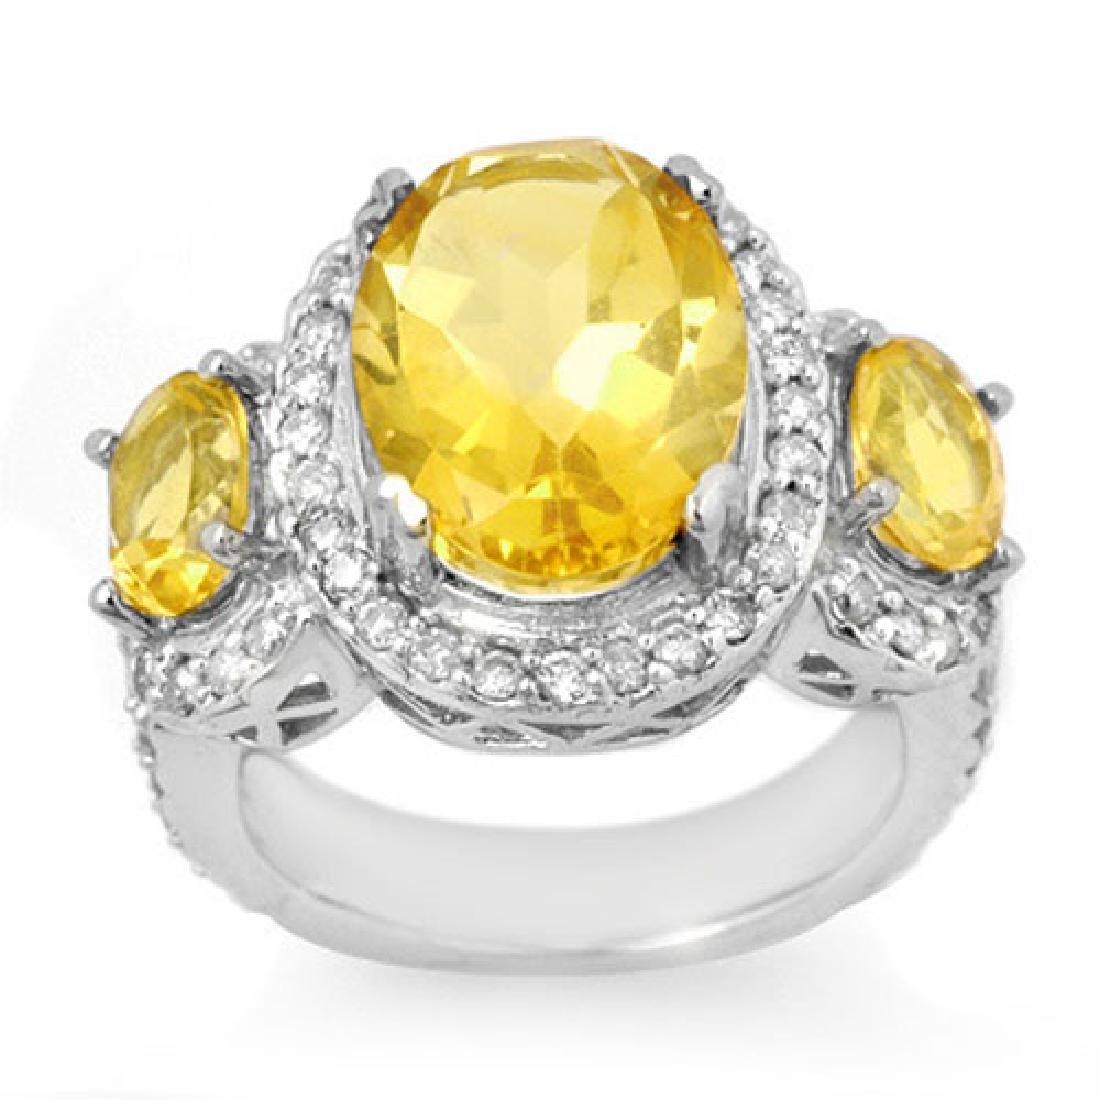 8.50 CTW Citrine & Diamond Ring 10K White Gold